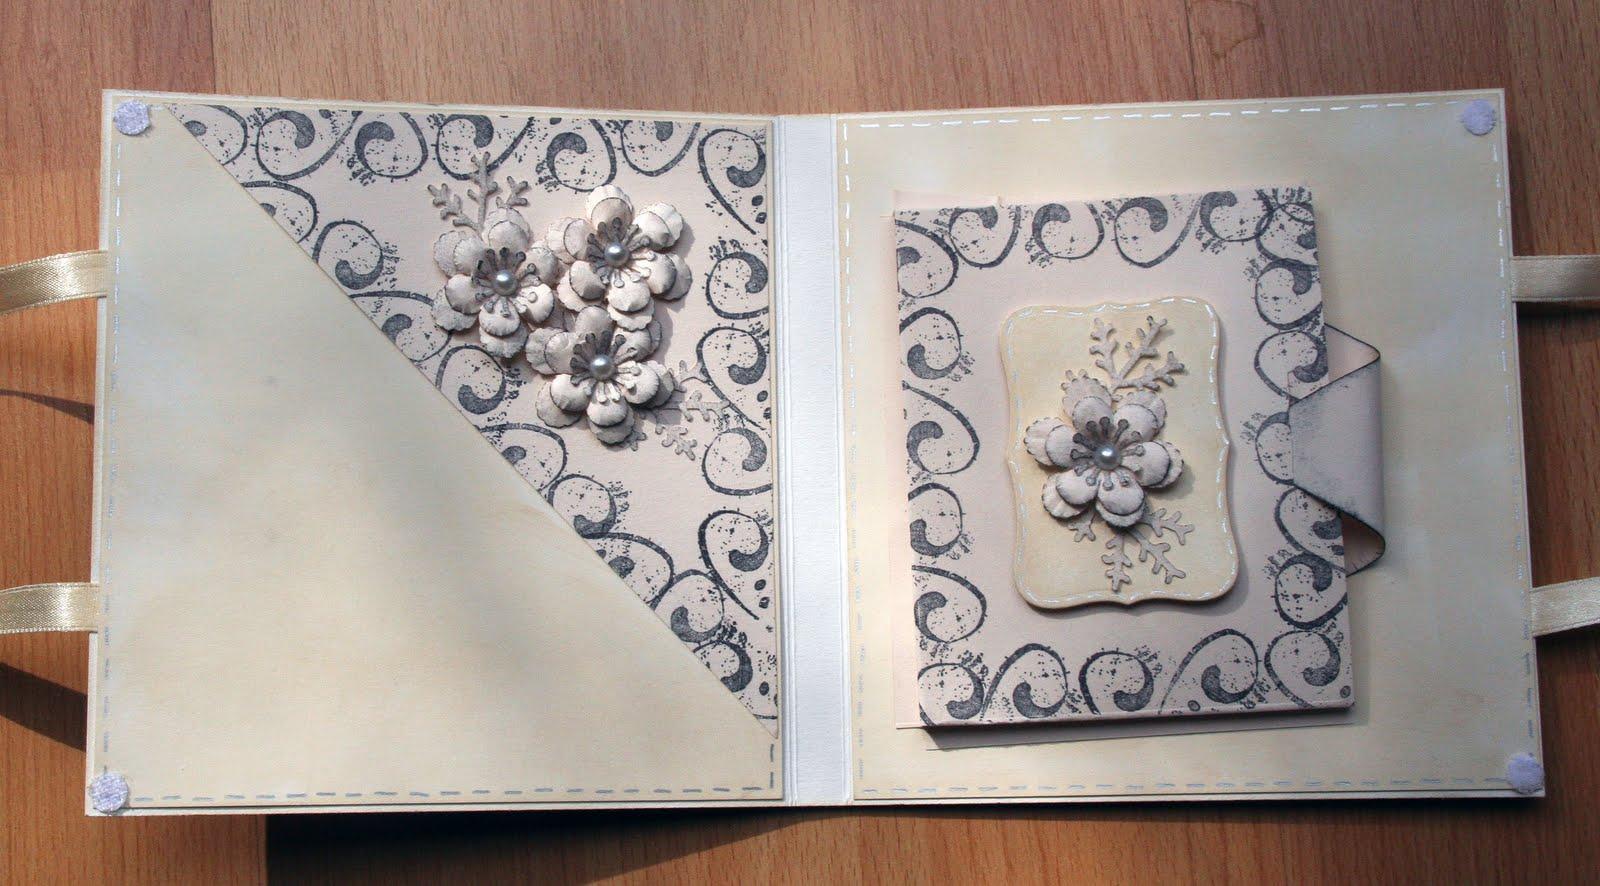 Silberhochzeit >> Sketche, Spiele, Sprüche & mehr